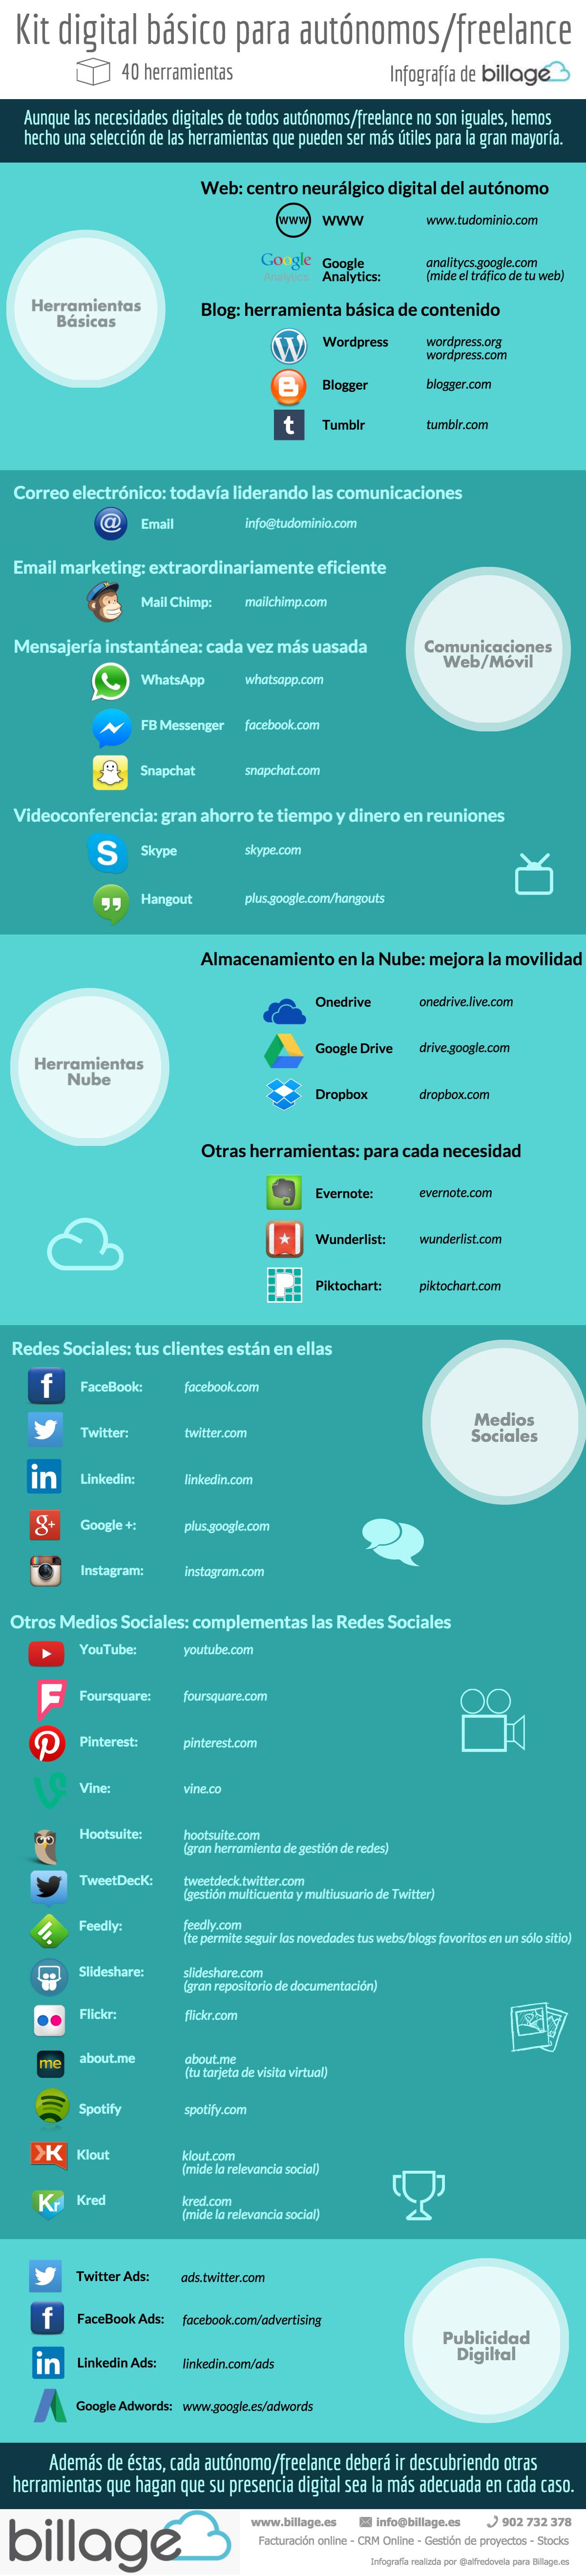 40 herramientas digitales para el autónomo/freelance